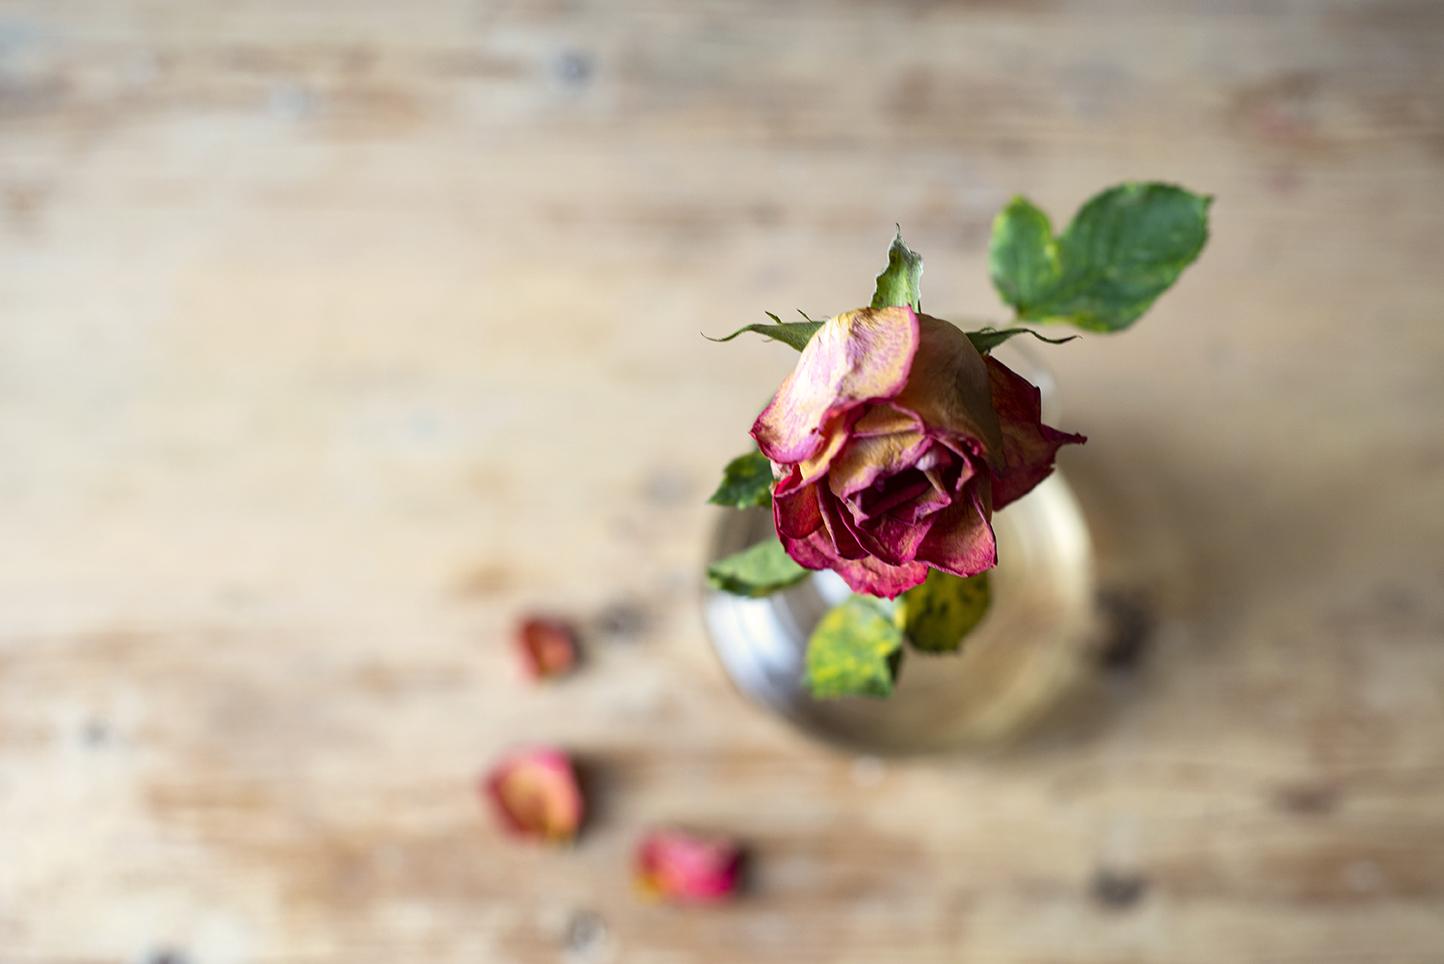 Halvvissnad ros i en glasvas sedd rakt uppifrån.